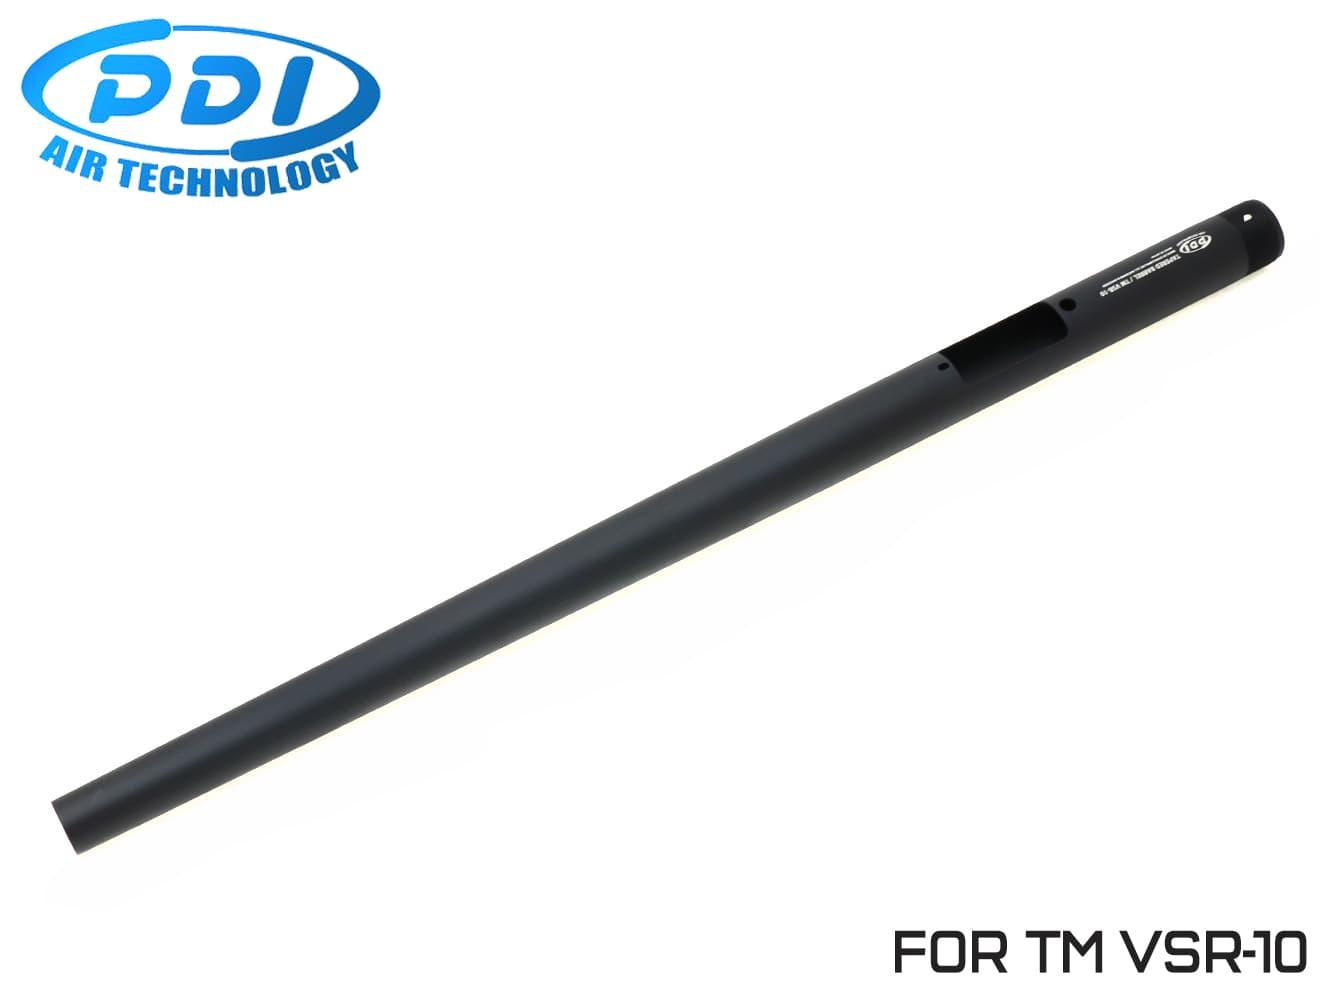 PDI テーパードバレル 東京マルイ VSR-10用 570mm◆フロントヘビー/ワンピースバレル/純正対応/テーパー加工